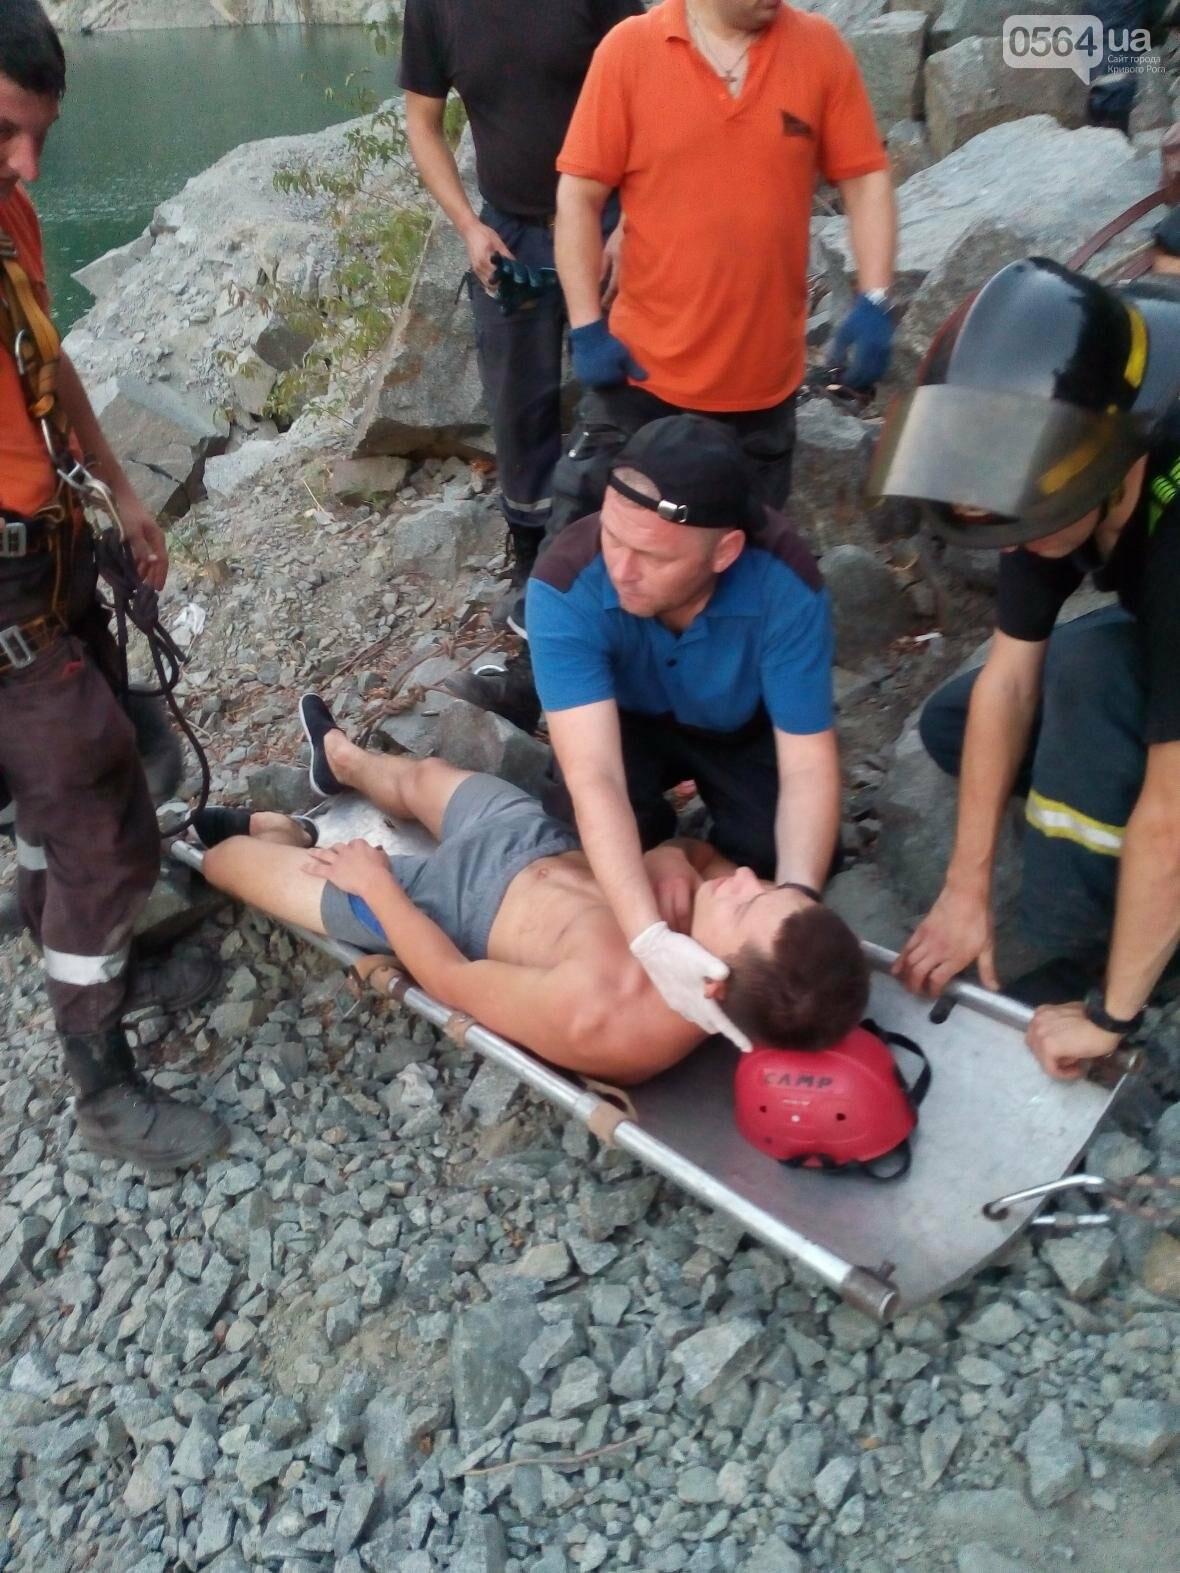 Криворожанин не смог самостоятельно выбраться из затопленного карьера (ФОТО), фото-4